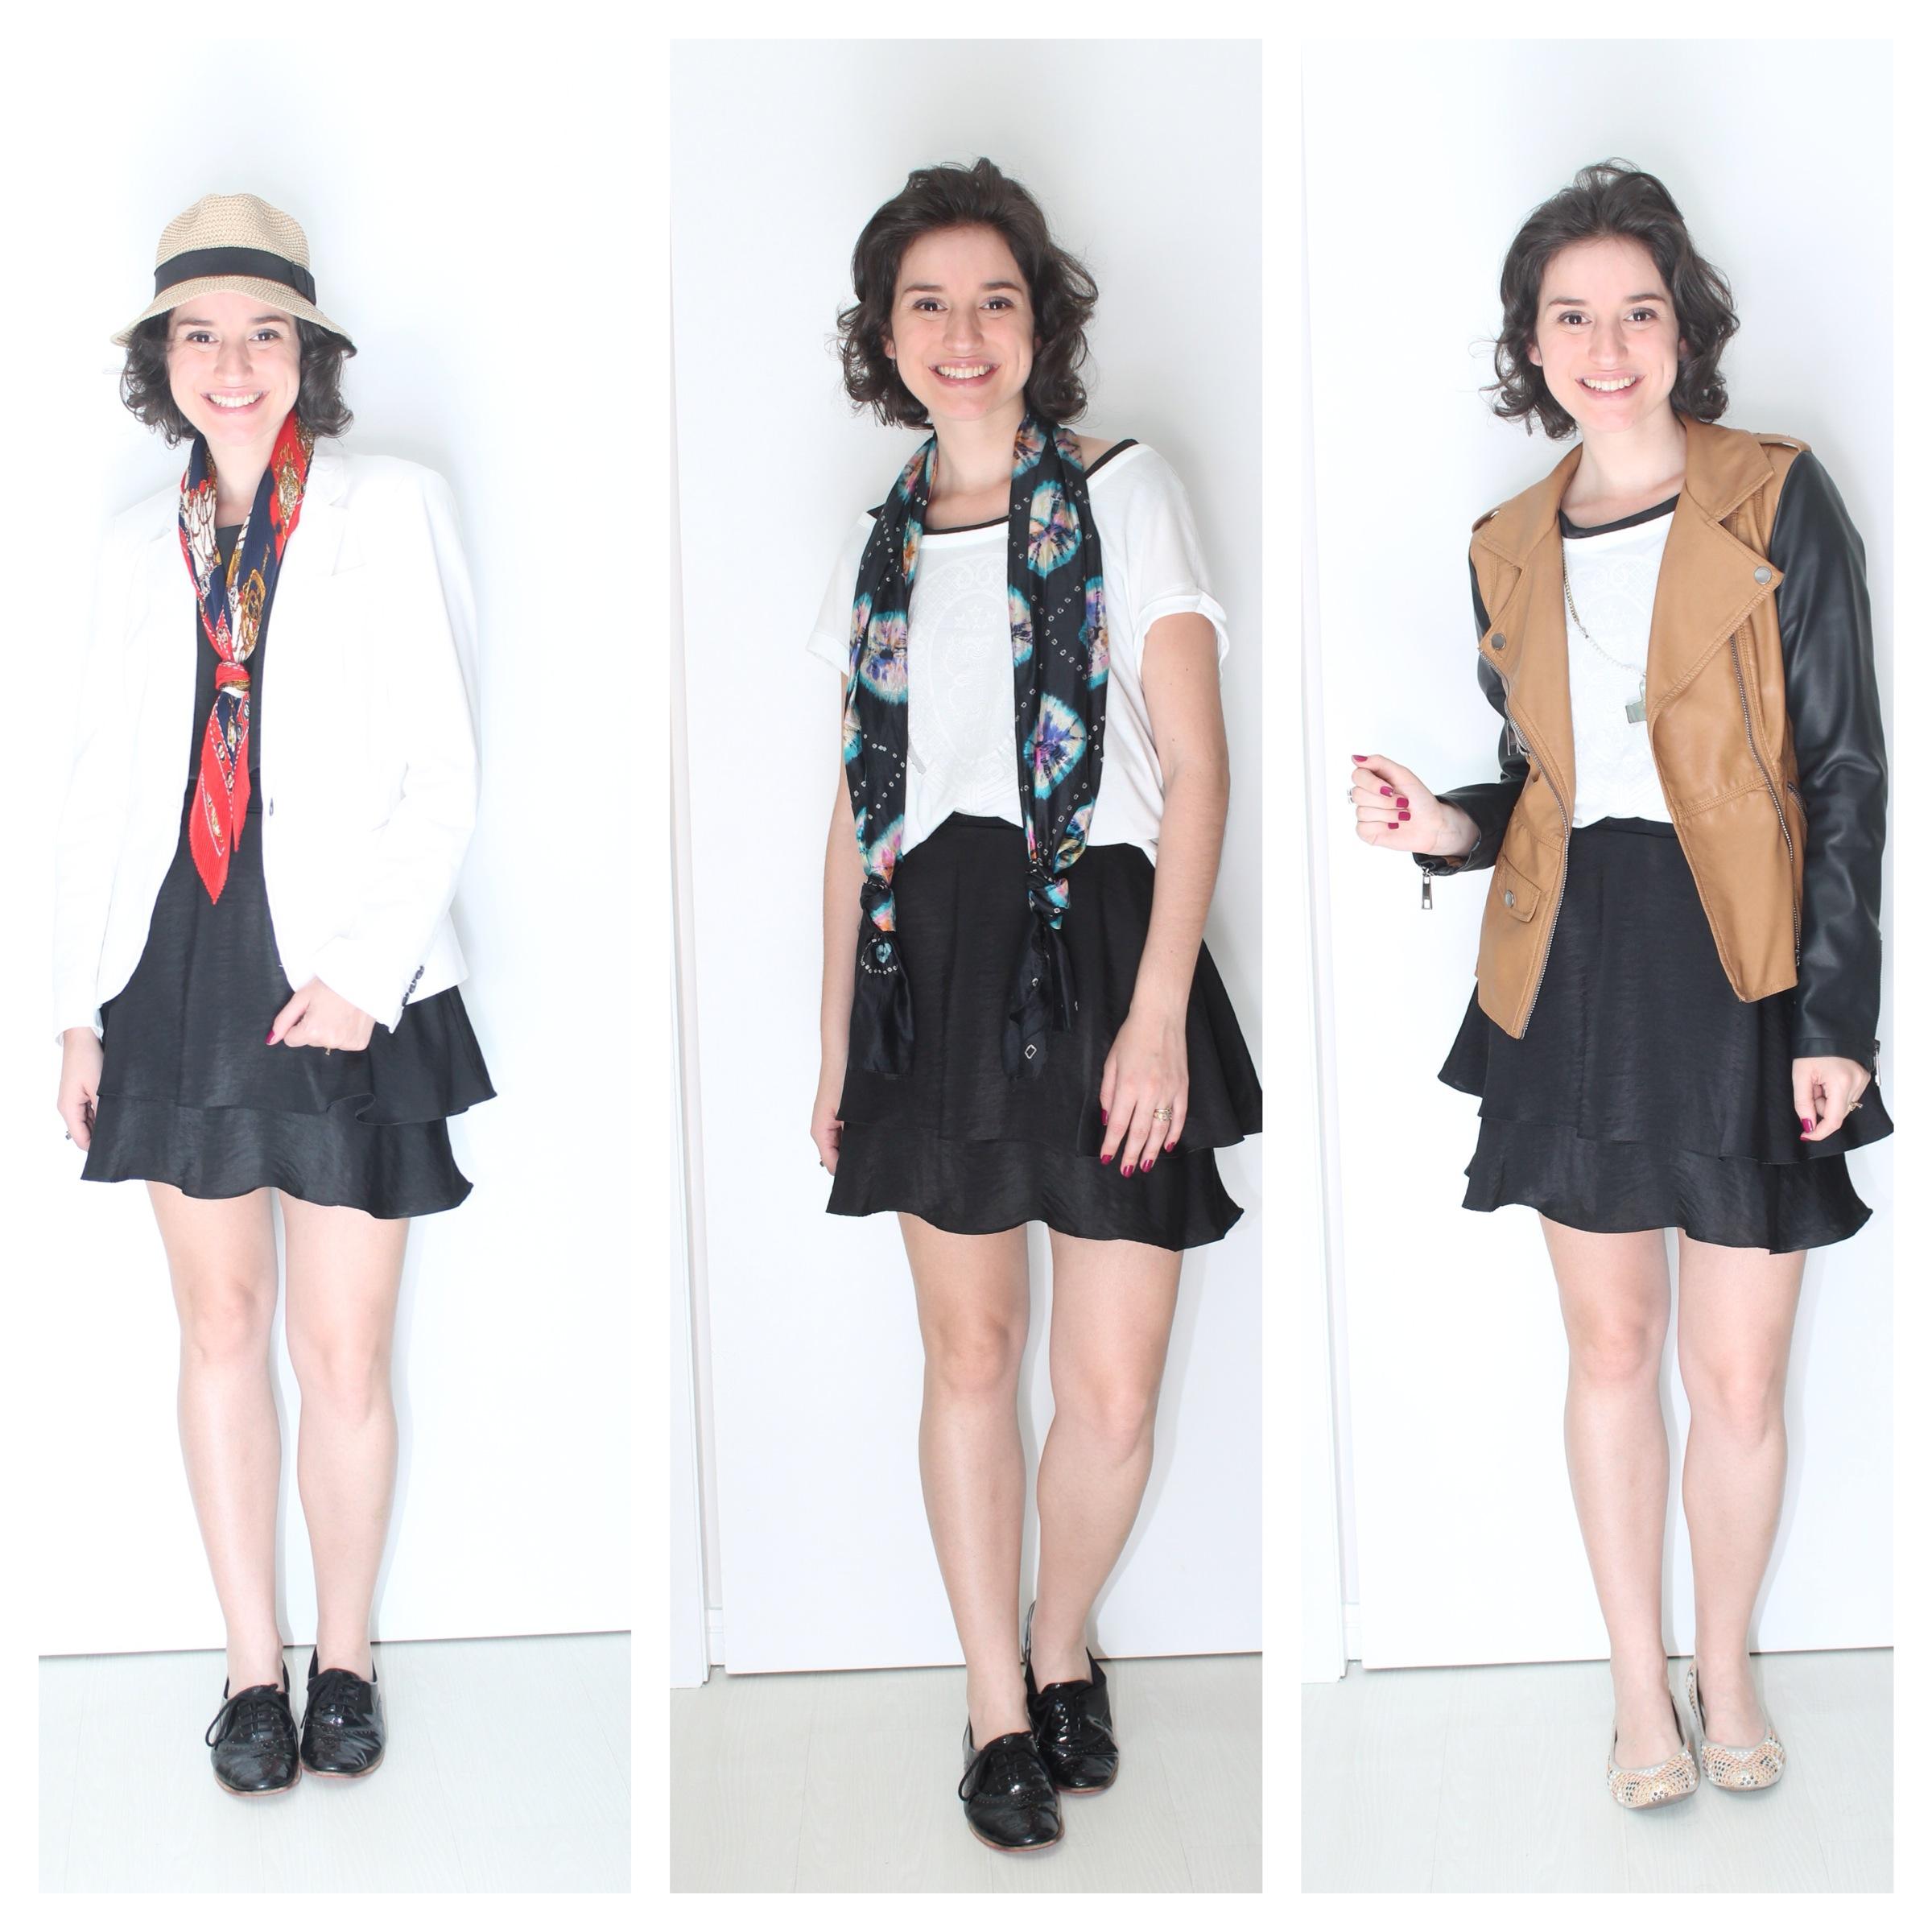 manifesto ao repeteco 3 formas de usar vestido preto e ficar estilosa